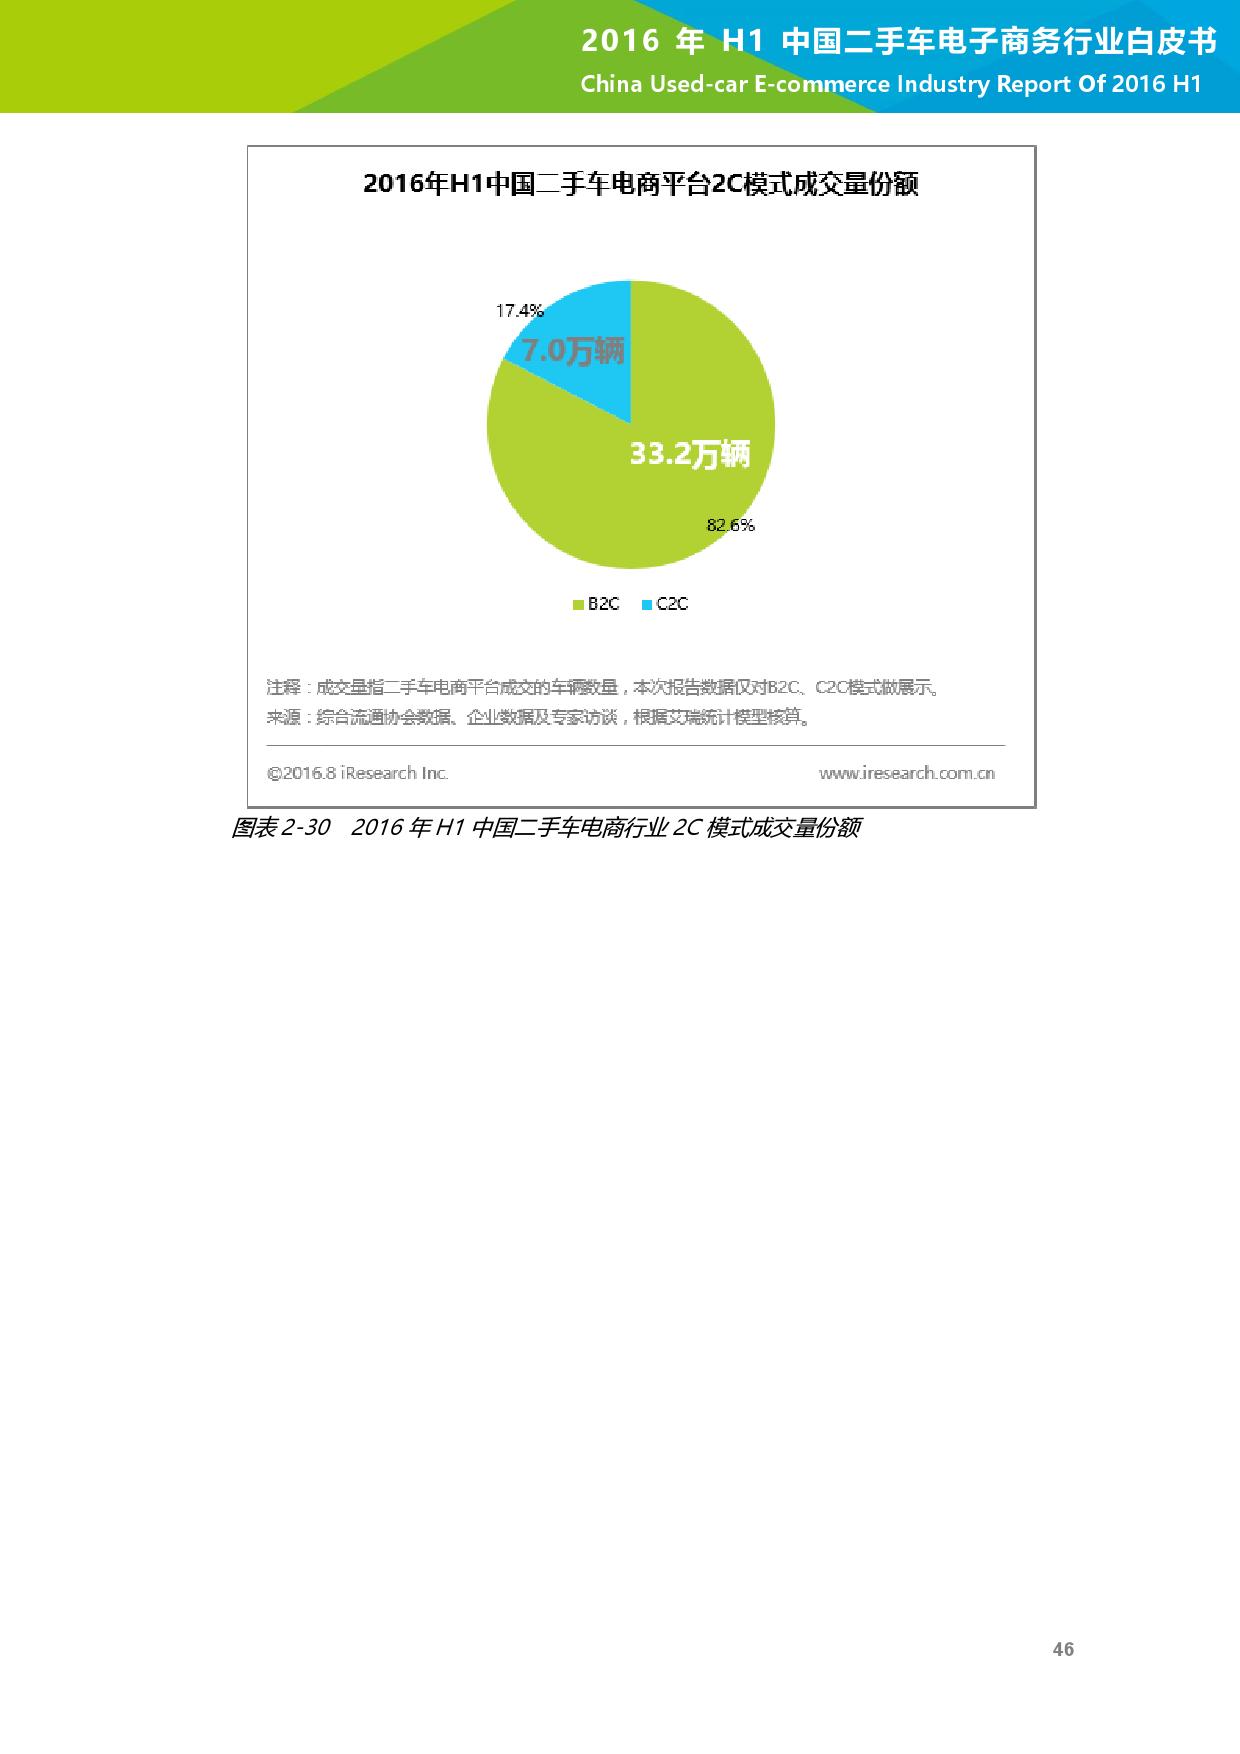 2016年H1中国二手车电子商务行业白皮书_000047